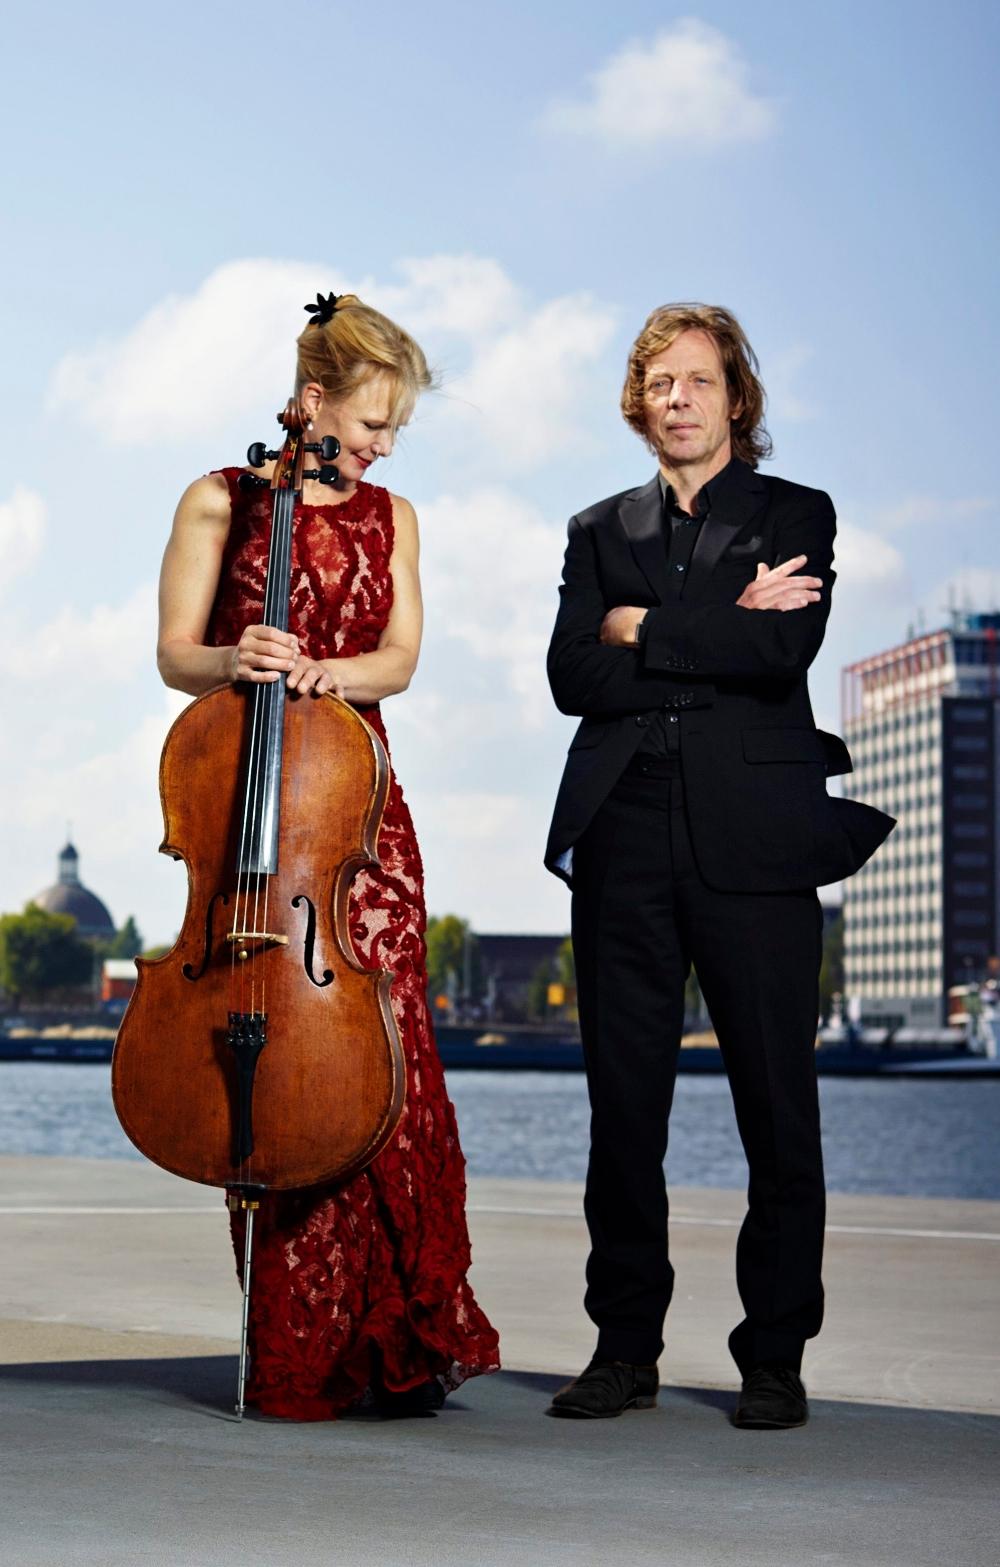 Larissa Groeneveld & Frank van de Laar